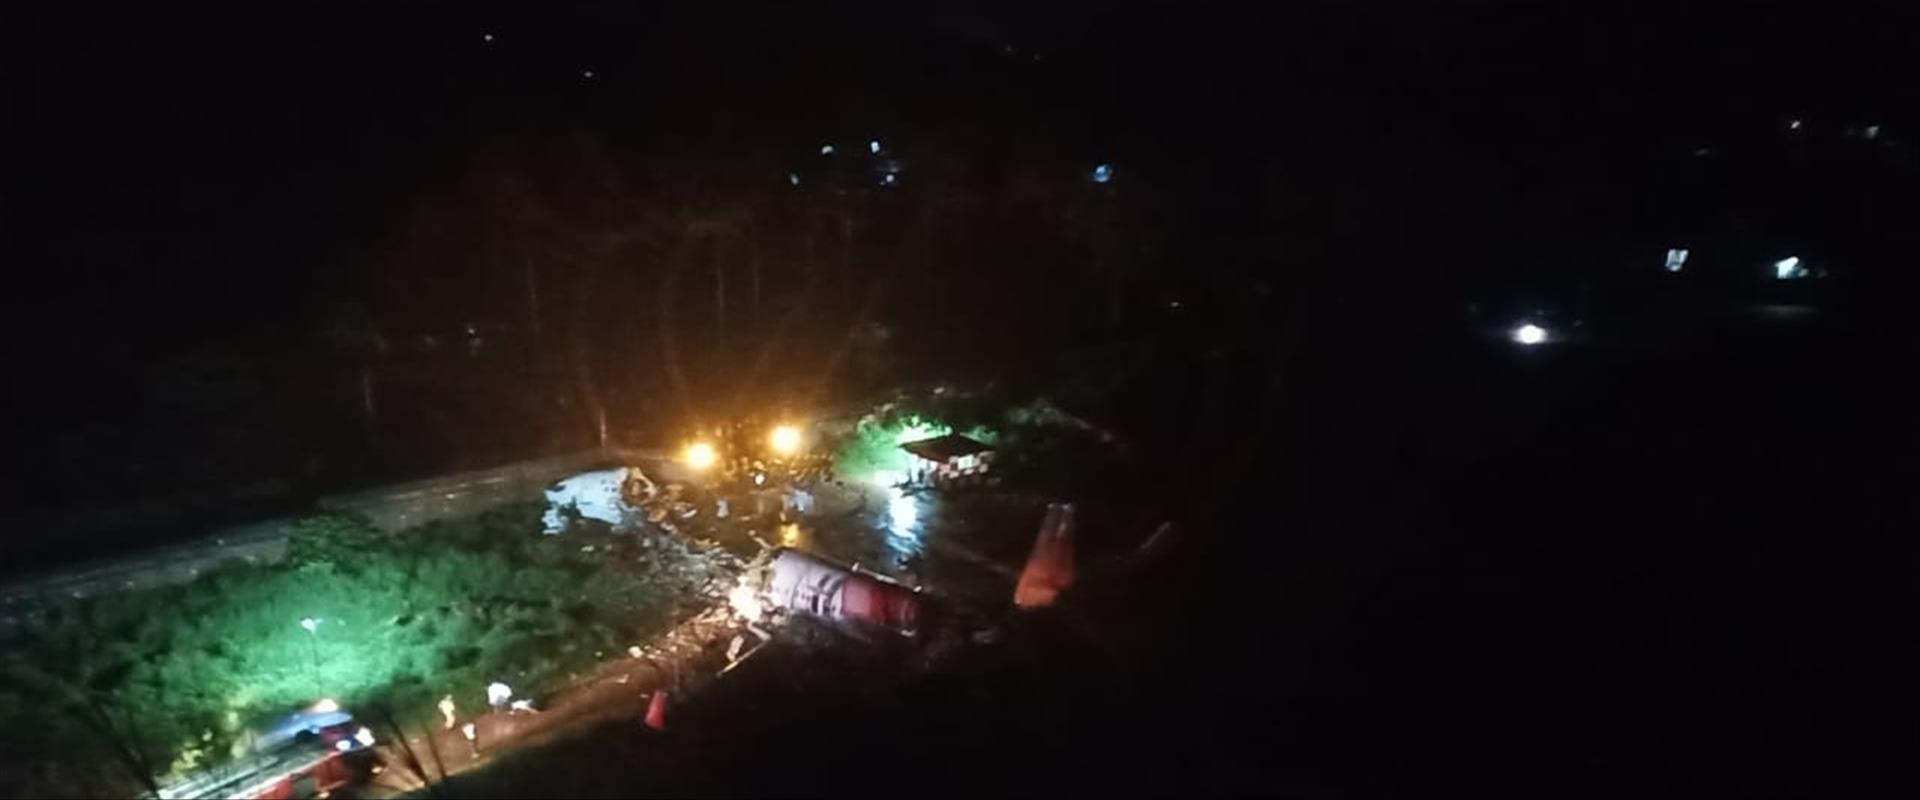 מטוס הנוסעים שהתרסק בהודו